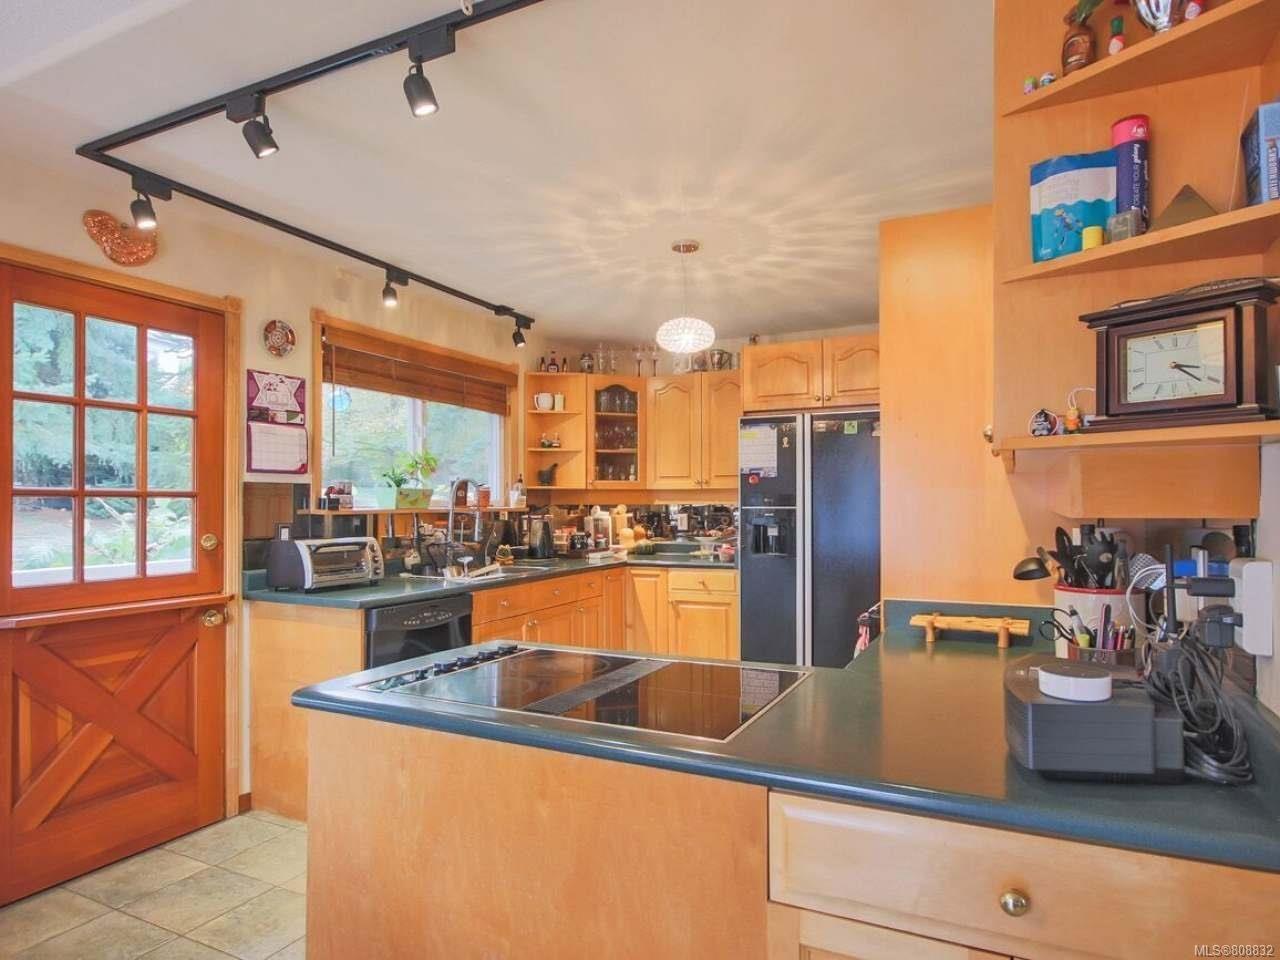 Photo 5: Photos: 5407 Lost Lake Rd in NANAIMO: Na North Nanaimo House for sale (Nanaimo)  : MLS®# 808832